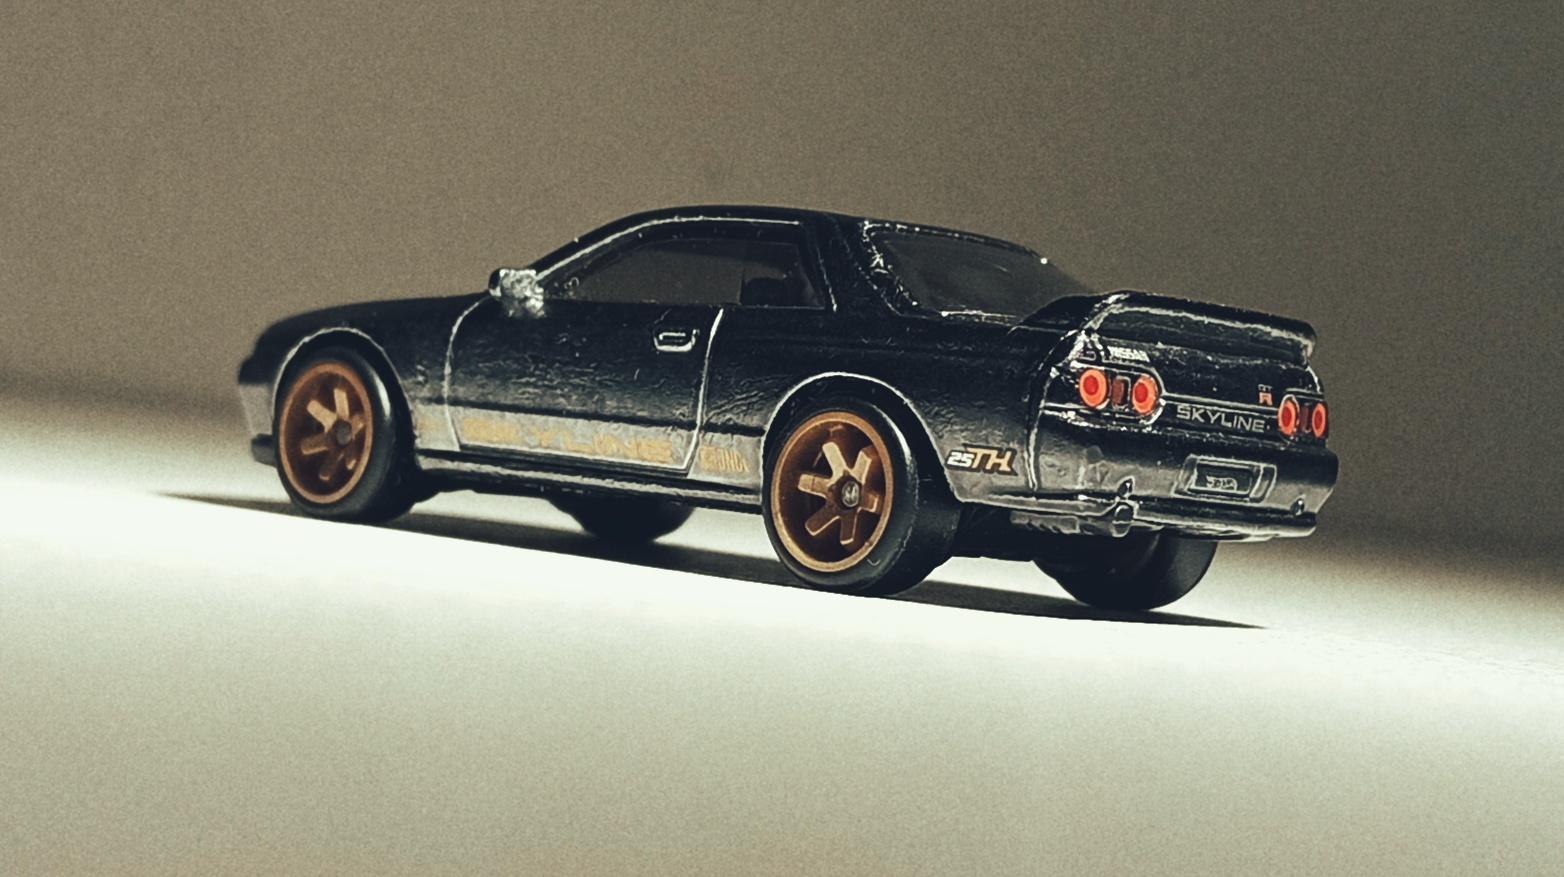 Hot Wheels Nissan Skyline GT-R (BNR32) (GHG23) 2020 (2/250) HW Turbo (5/5) spectraflame gunmetal grey Super Treasure Hunt (STH) side angle